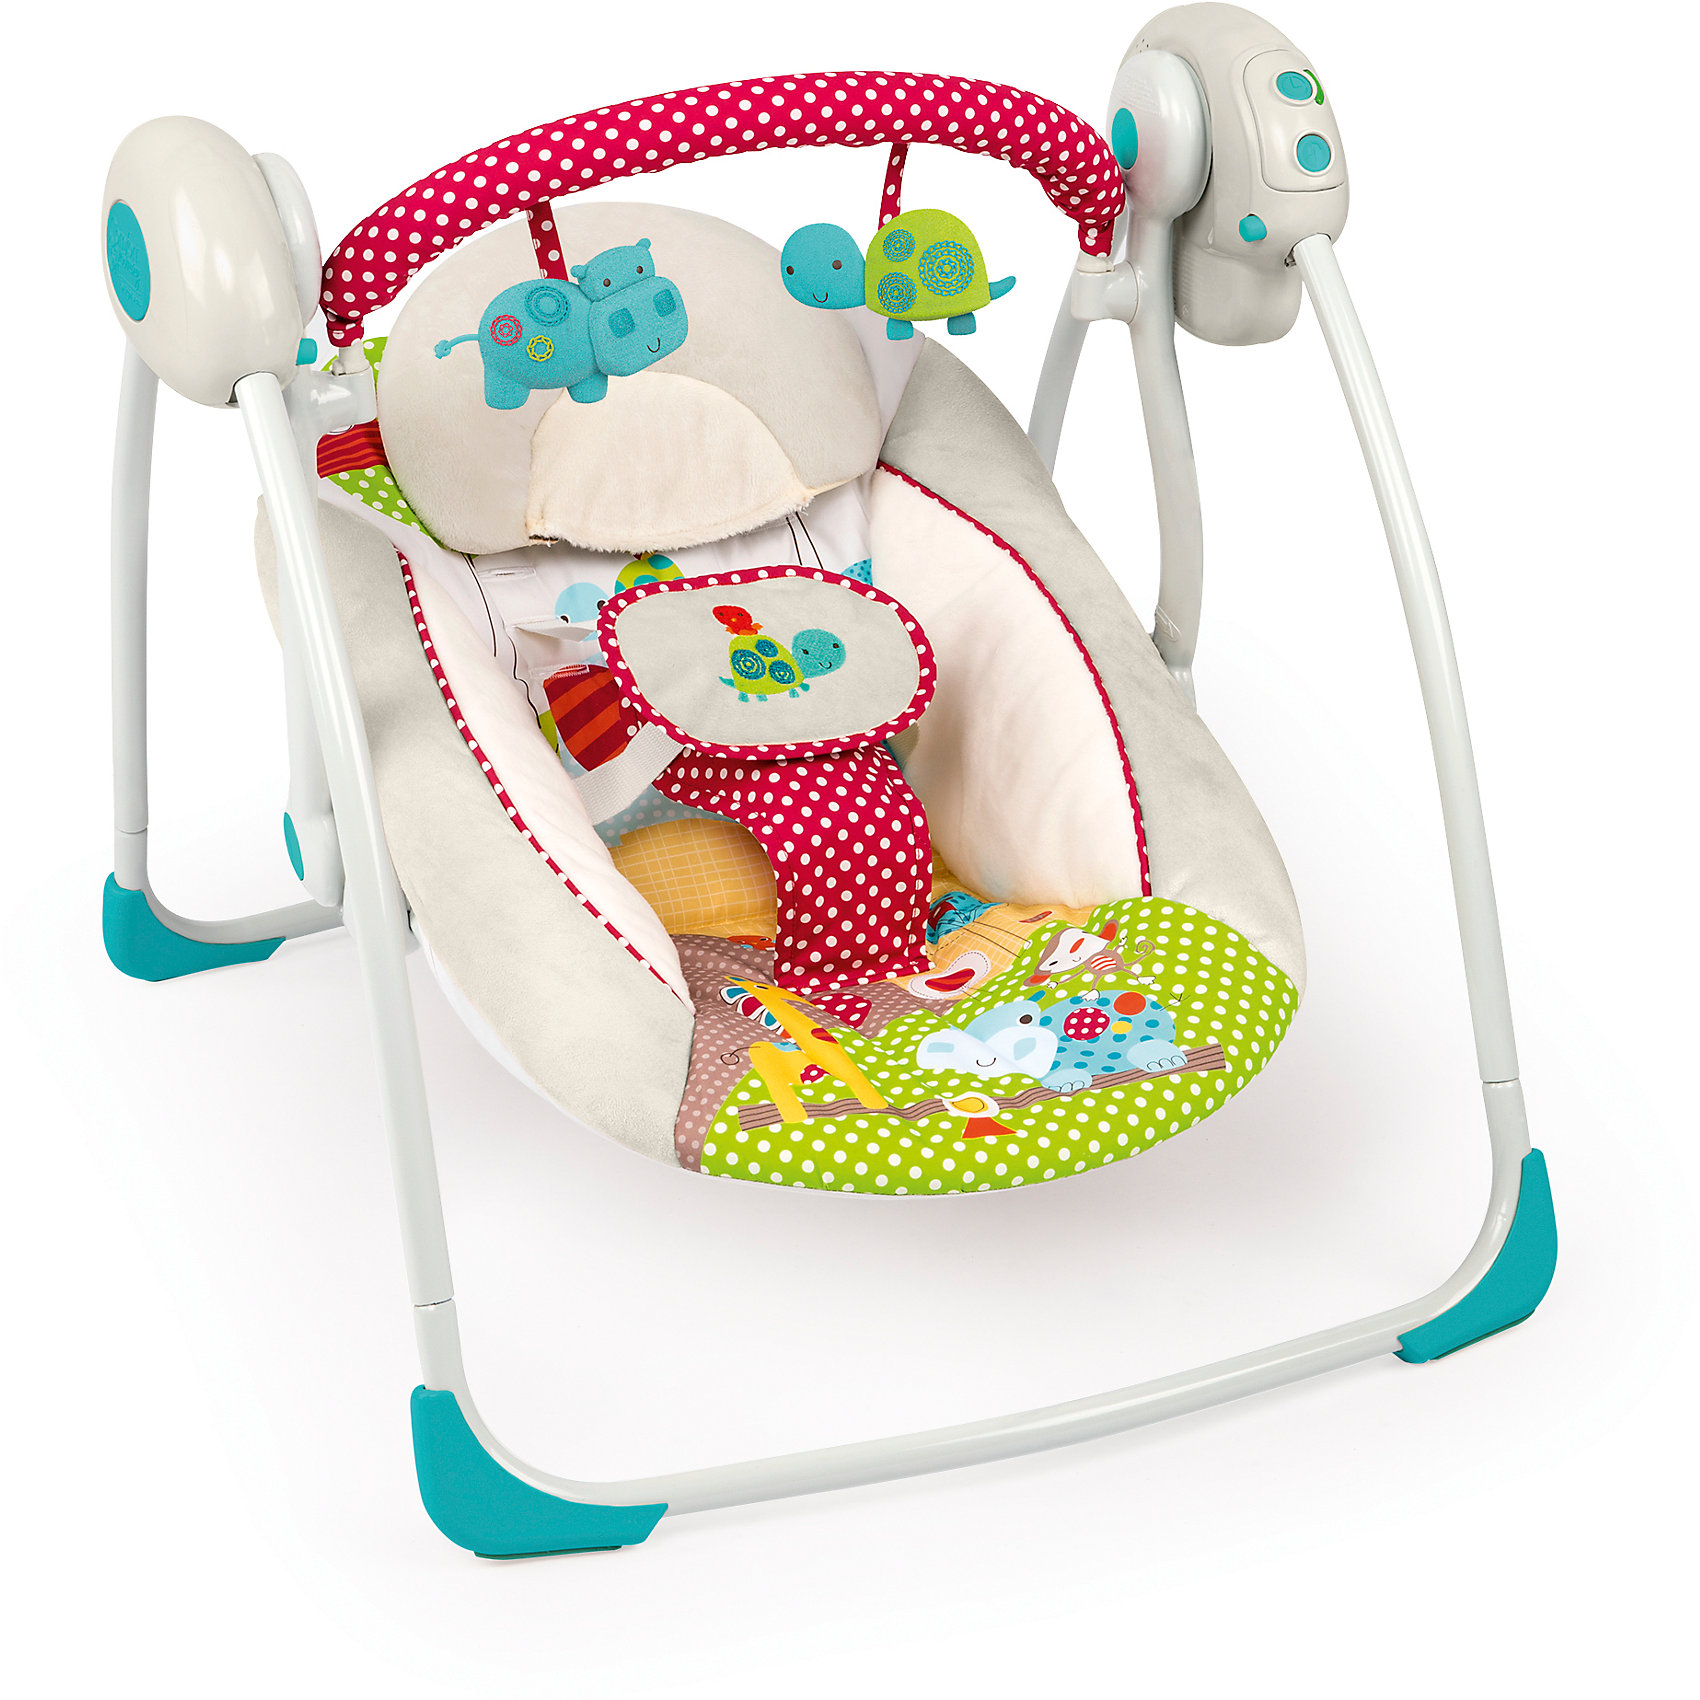 Качели Добрые друзьяКачели электронные<br>Комфортное укачивание, забавный дизайн и веселые игрушки! <br><br>Особенности<br>Технология TrueSpeed* обеспечивает выбор 6-ти скоростей по мере роста ребенка<br>2-х позиционное сиденье с технологией Comfort Recline<br>6 мелодий, регулировка громкости и автоматическое отключение<br>Съемная перекладина с 2-мя забавными игрушками легко поворачивается для быстрого доступа к ребенку<br>Таймер с 3-мя режимами: 15, 30 и 45 минут<br><br>Дополнительные характеристики<br>5-ти точечный ремень безопасности<br><br>Ширина мм: 558<br>Глубина мм: 362<br>Высота мм: 127<br>Вес г: 4620<br>Возраст от месяцев: 0<br>Возраст до месяцев: 6<br>Пол: Унисекс<br>Возраст: Детский<br>SKU: 4915049